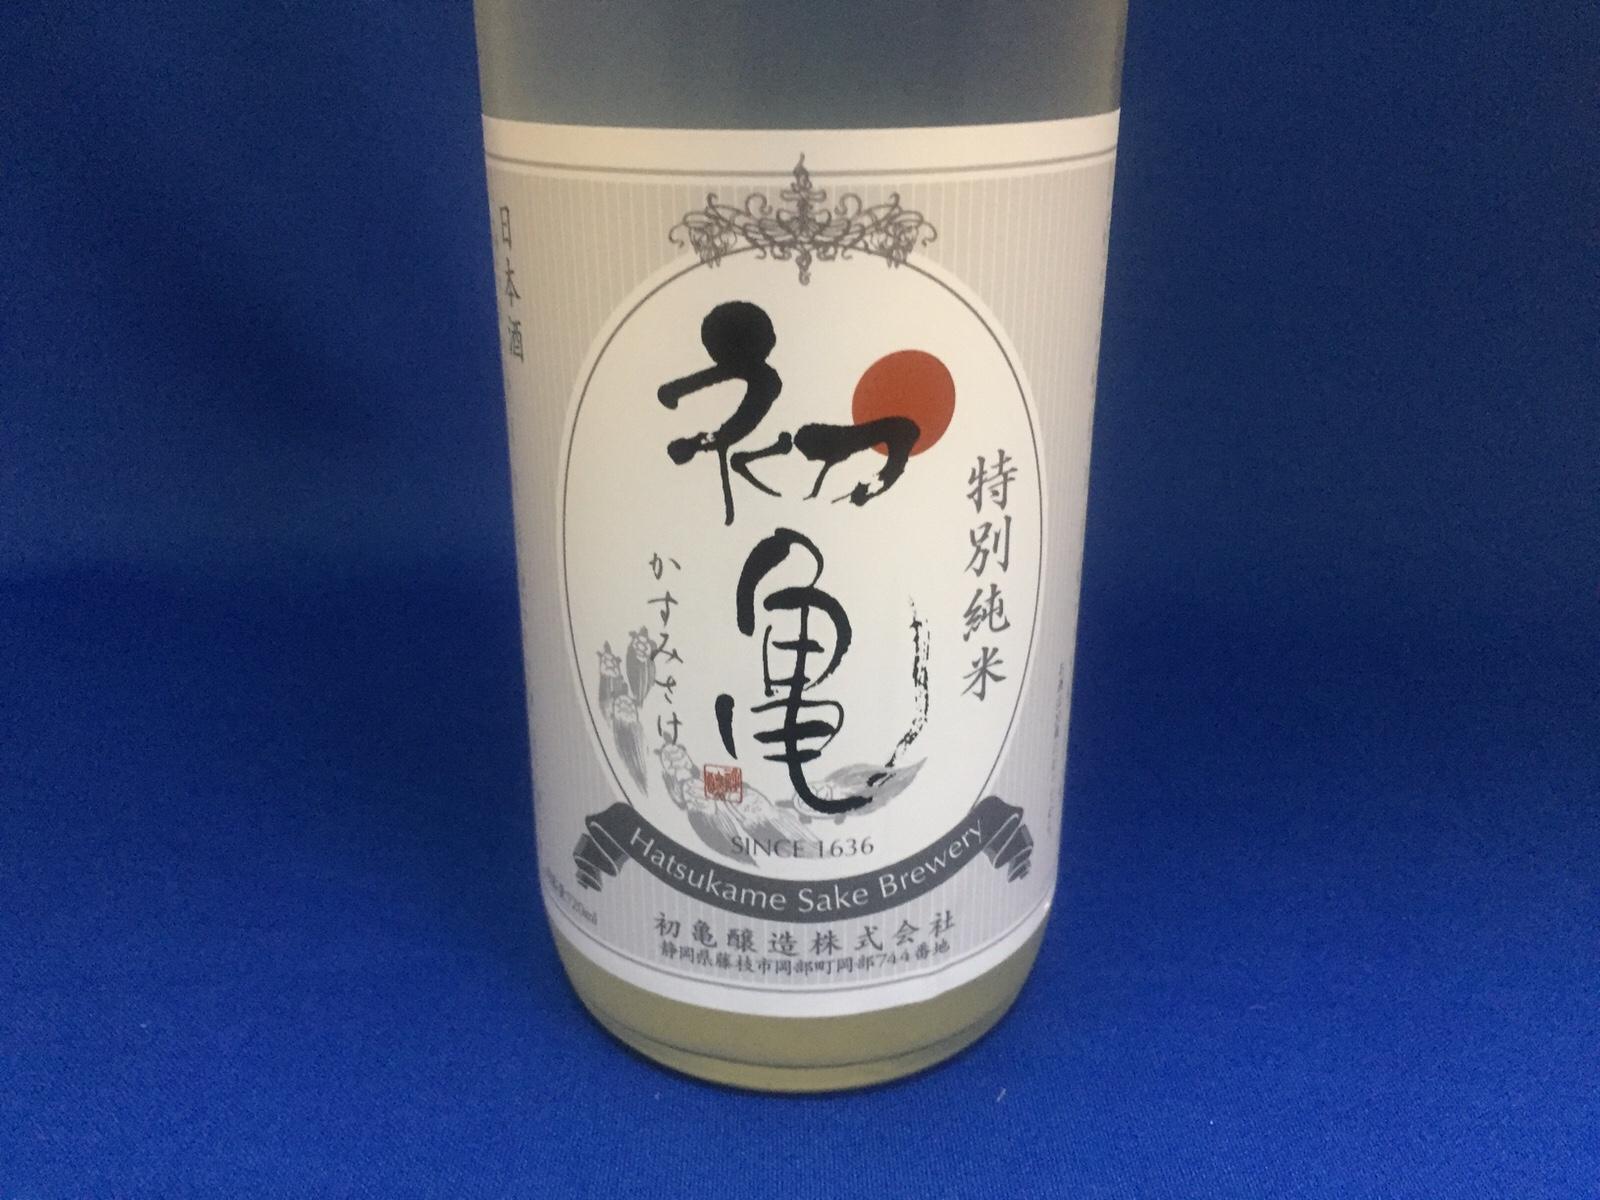 新年の門出を祝う日本酒「初亀」粉雪舞うかすみ酒で乾杯!